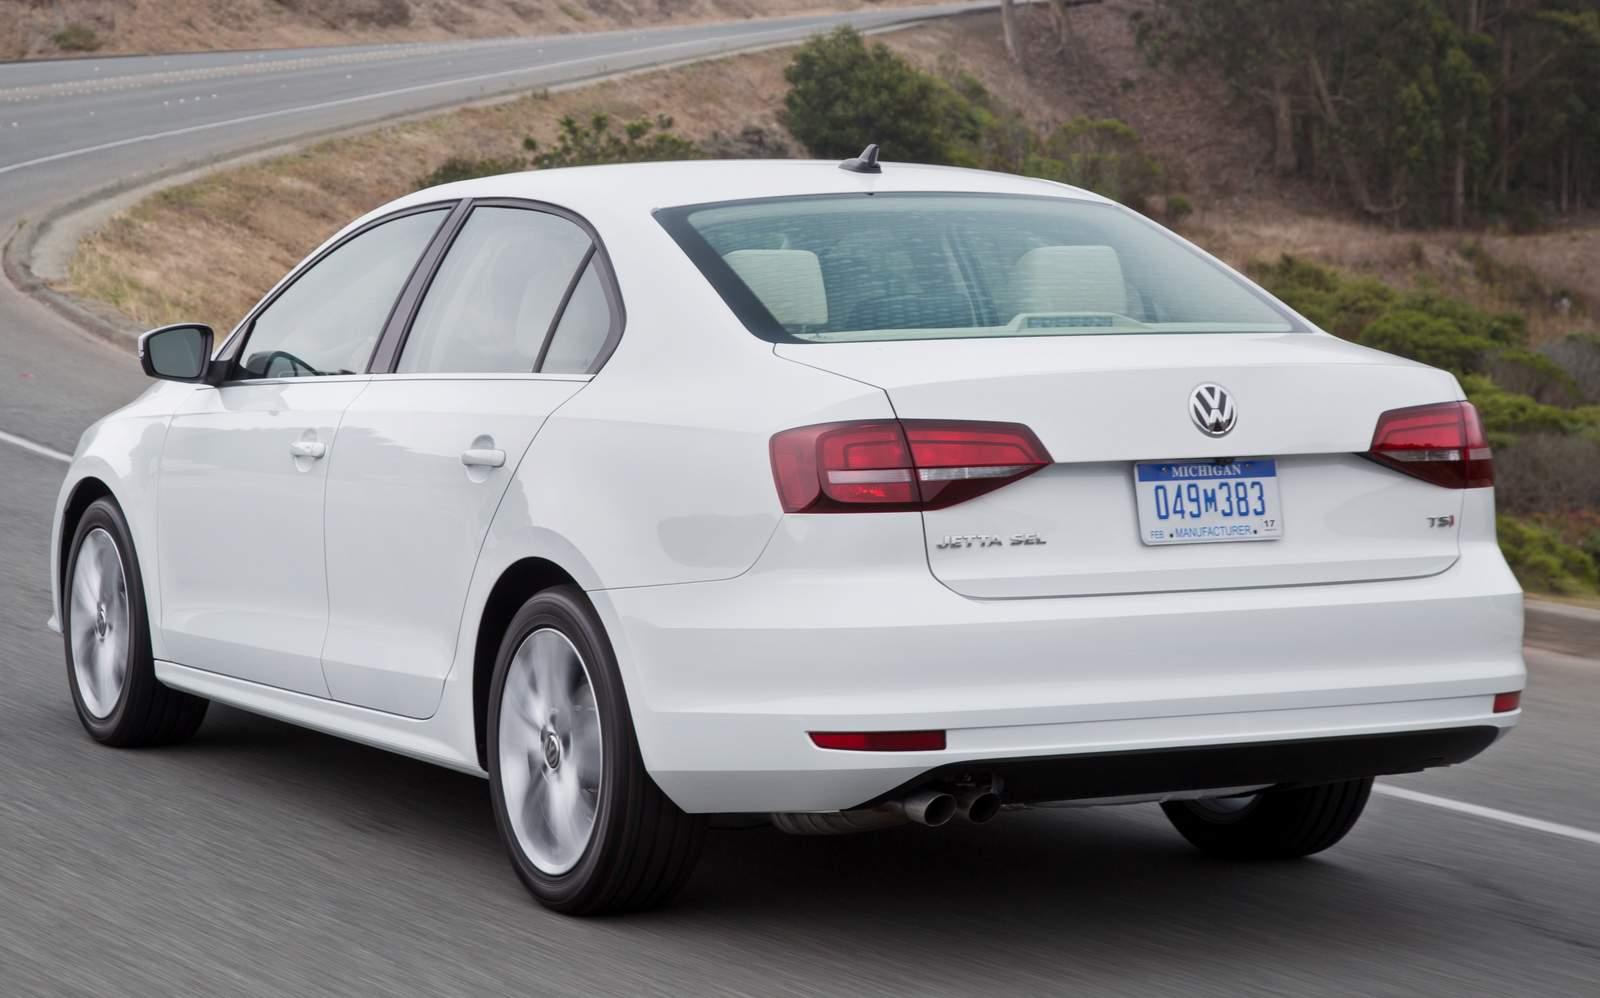 VW Jetta 2.0 TSI - recall